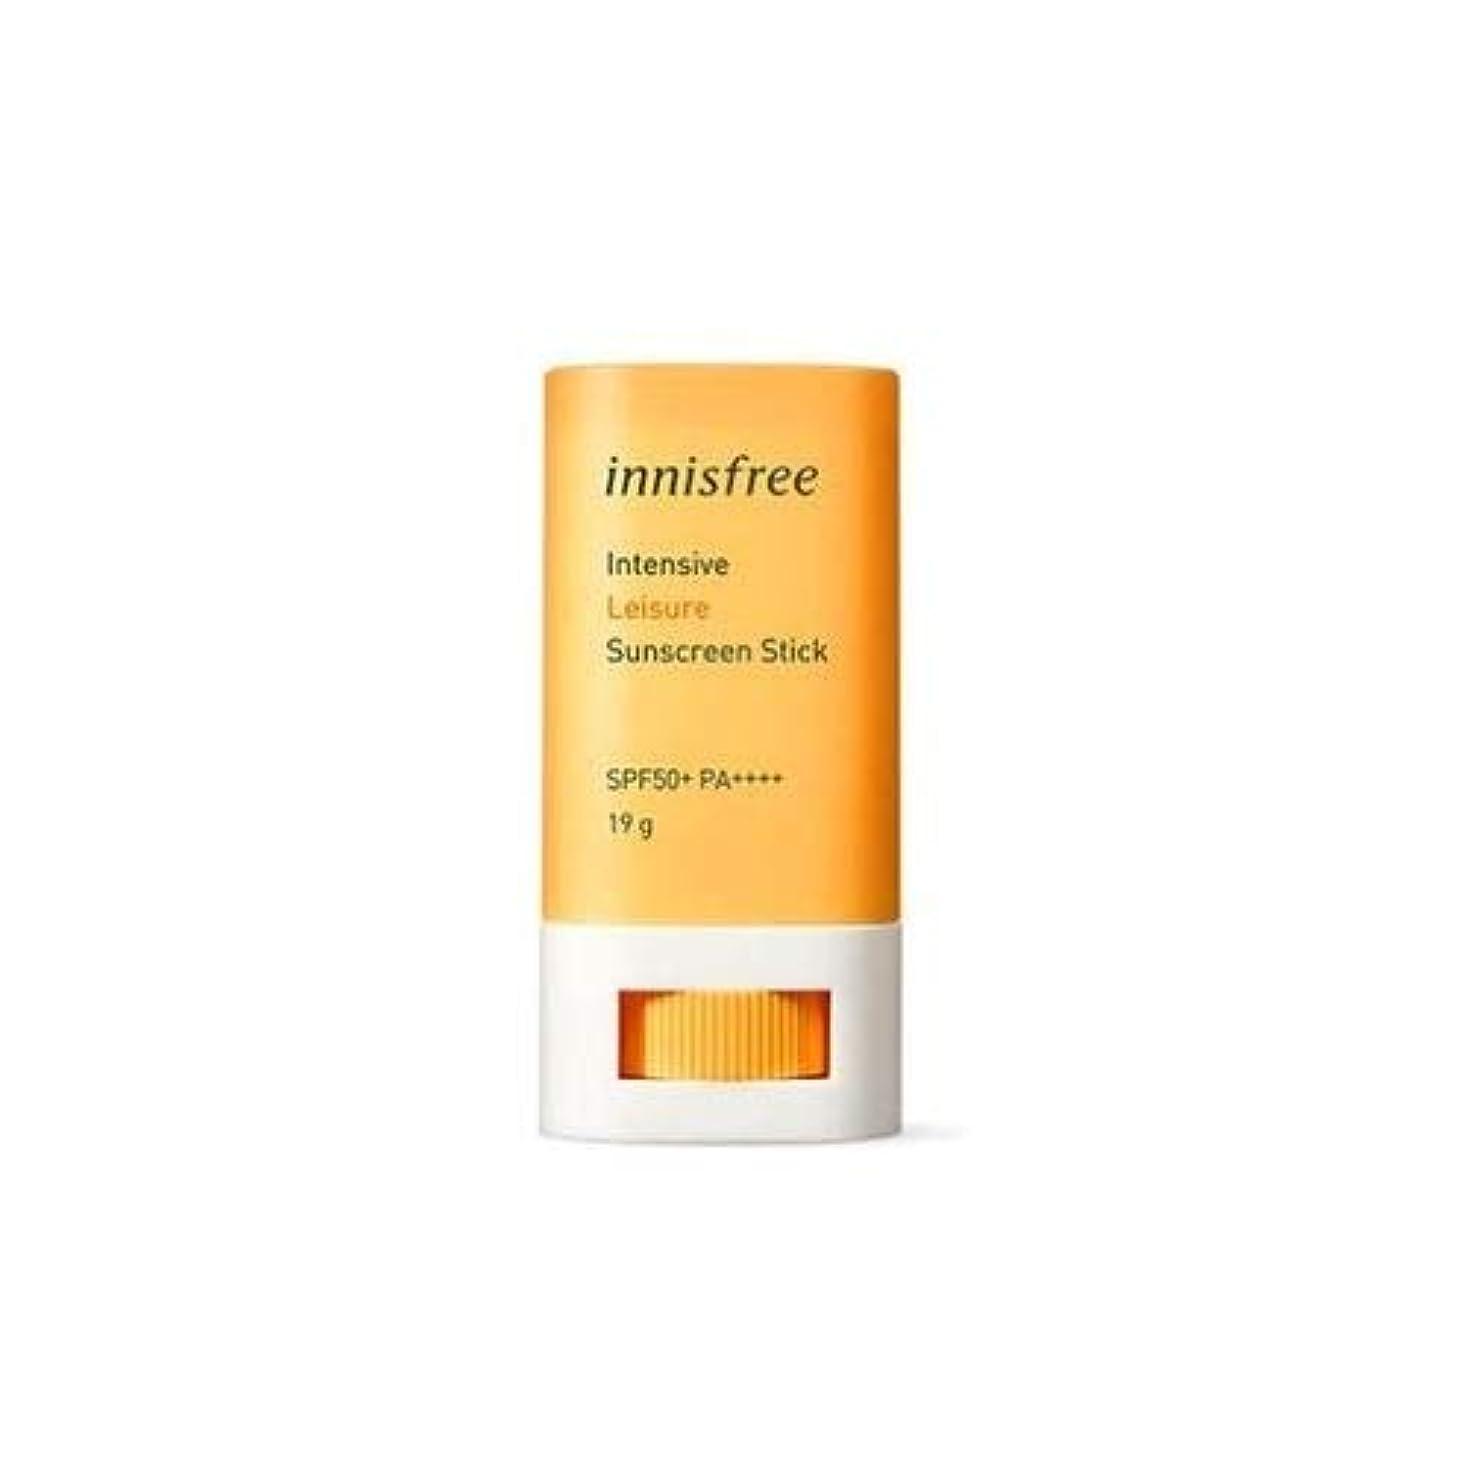 ハーフ砂美的イ二スフリー インテンシブ レジャー サンスクリーン スティック SPF50+ PA++++ / Innisfree Intensive Leisure Suncreen Stick 19g [並行輸入品]